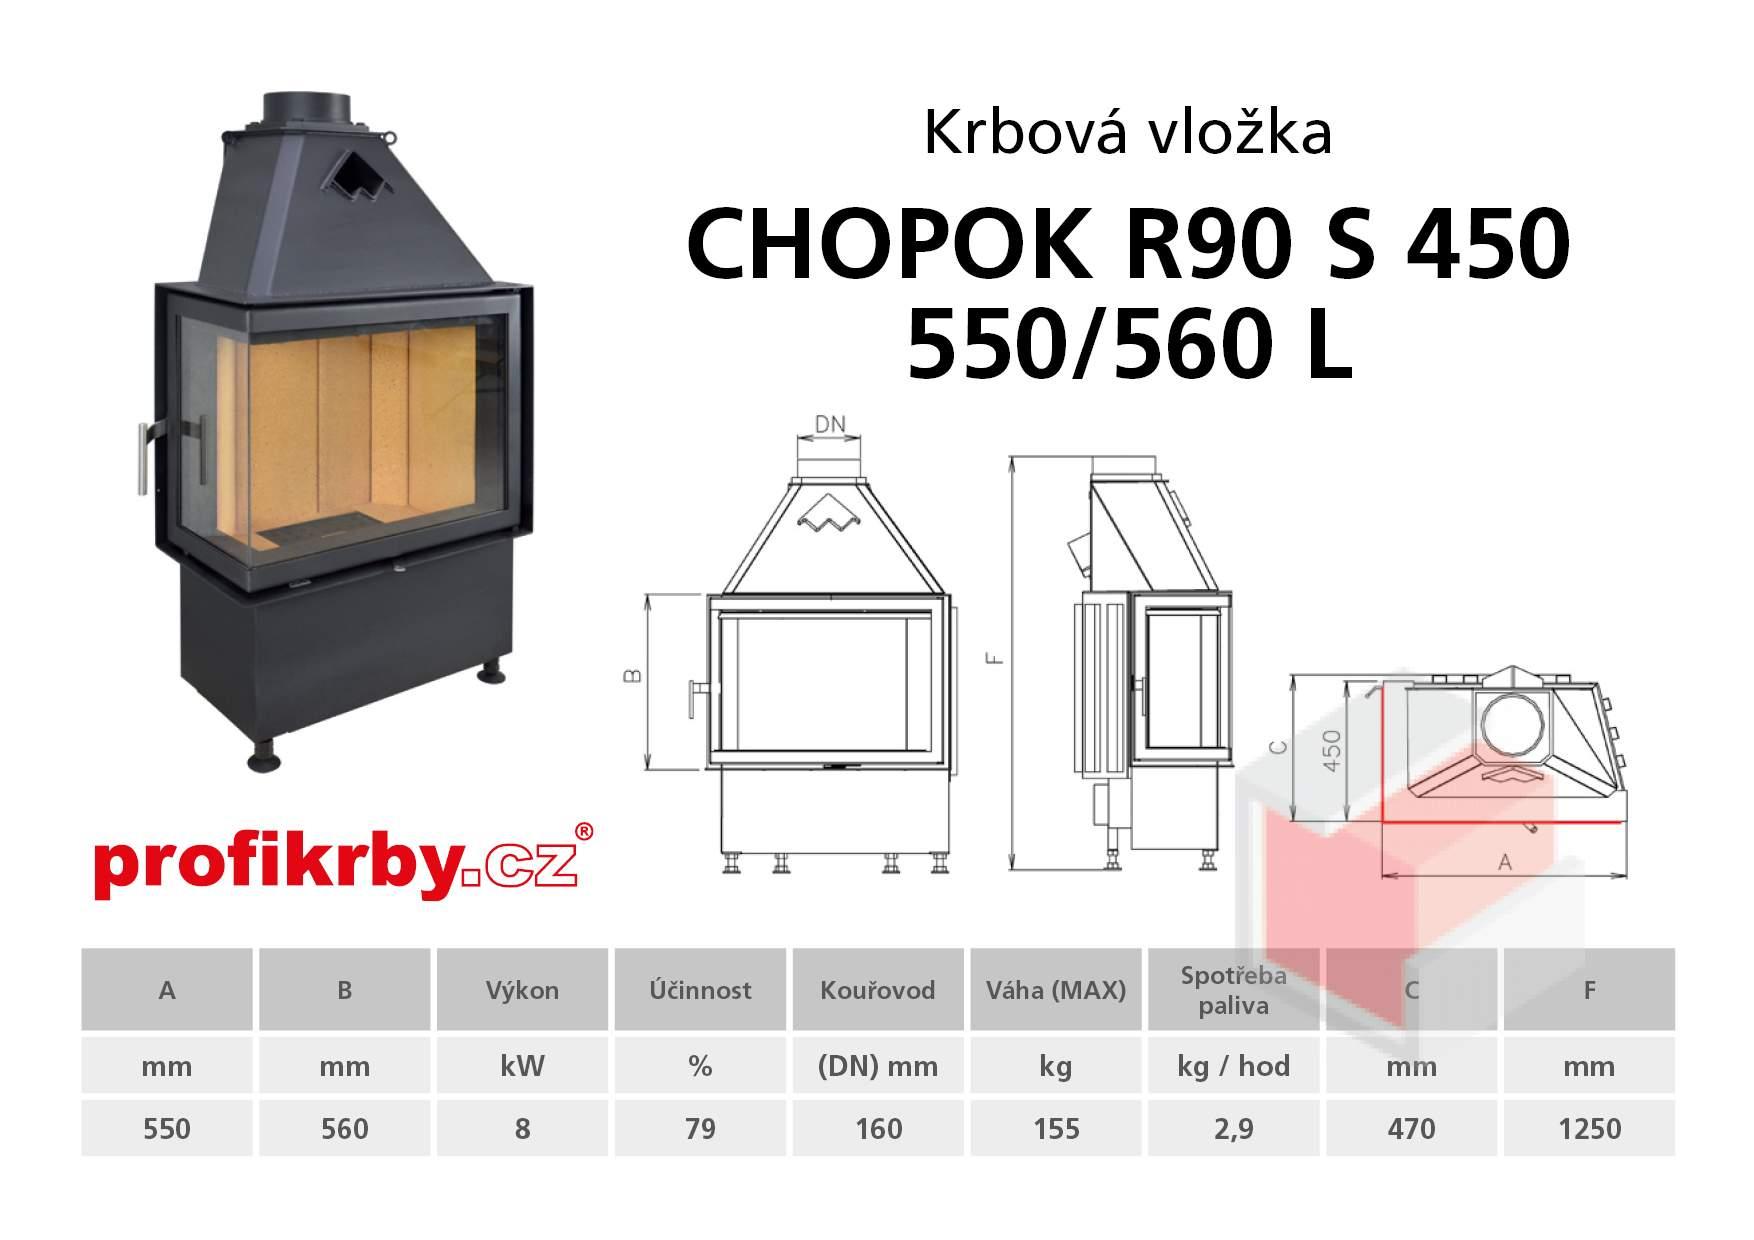 Krbová vložka CHOPOK R90Sx450 550 560 - Rohová - Levá